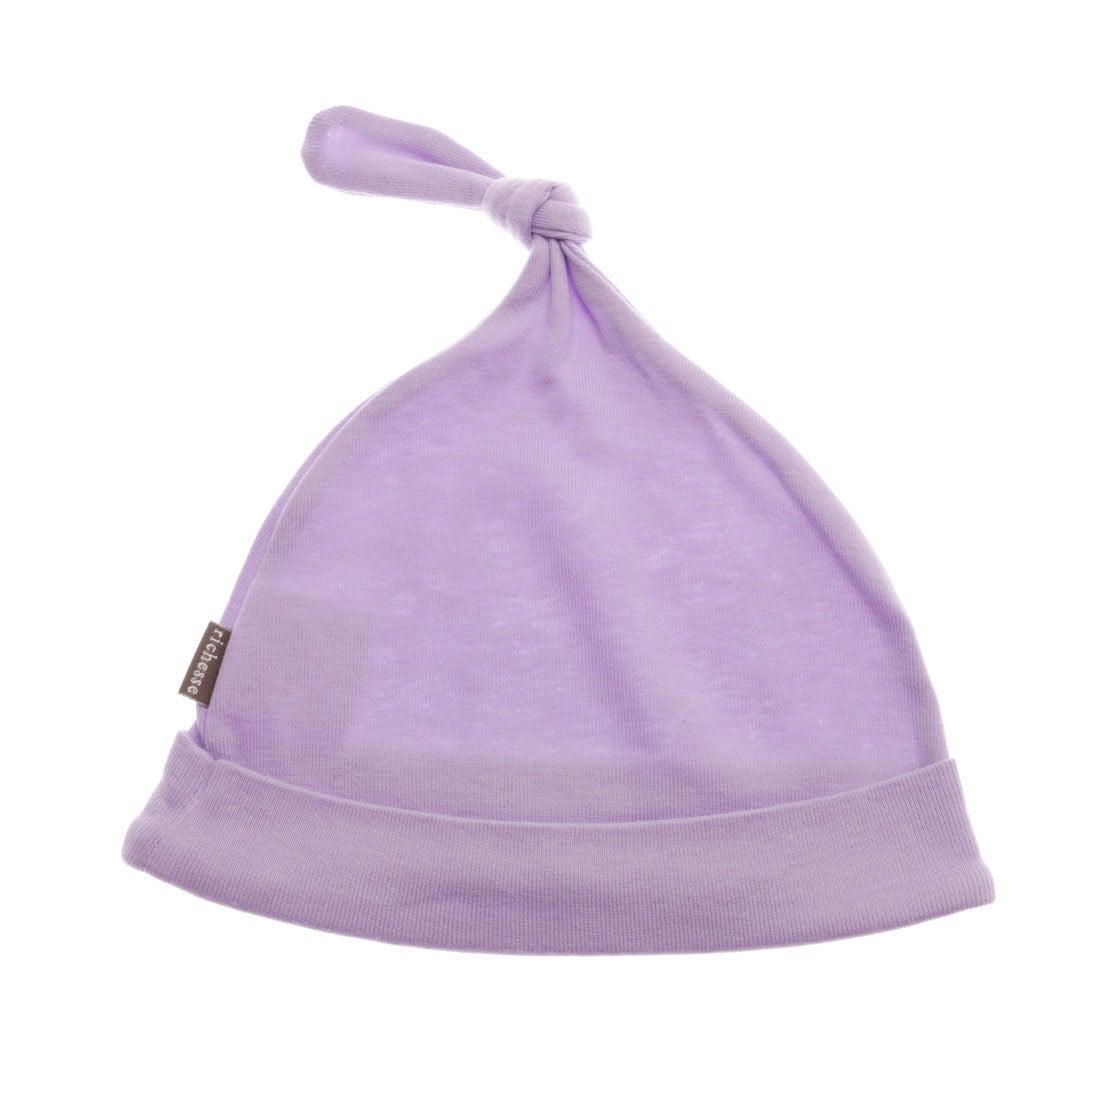 5b97a1287cfab リシェス richesse ベビーシンプル帽子 (パープル) -アウトレット通販 ロコレット (LOCOLET)